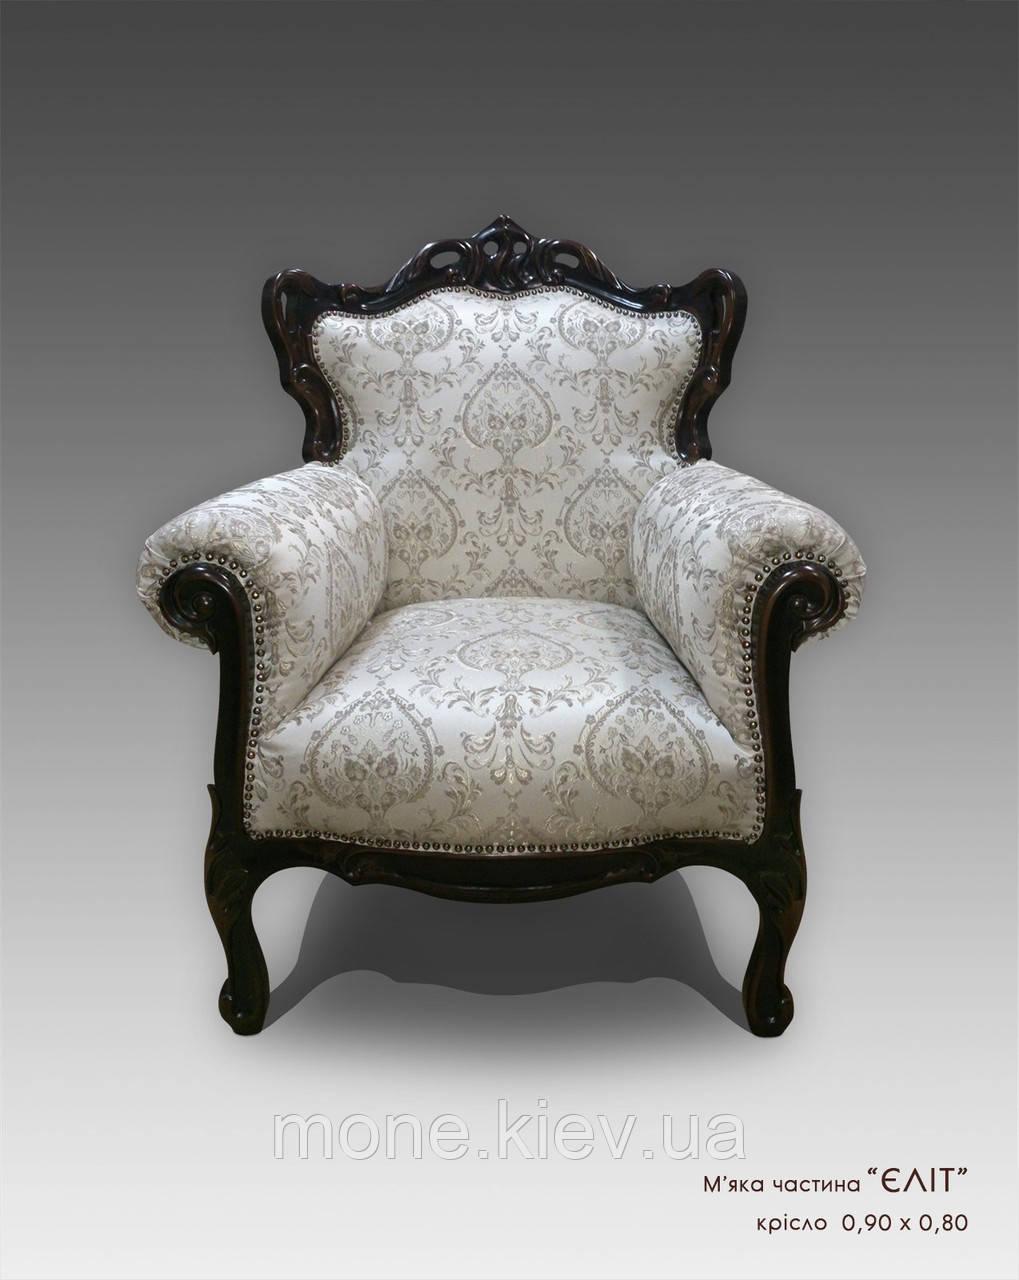 Кресло Элит из массива